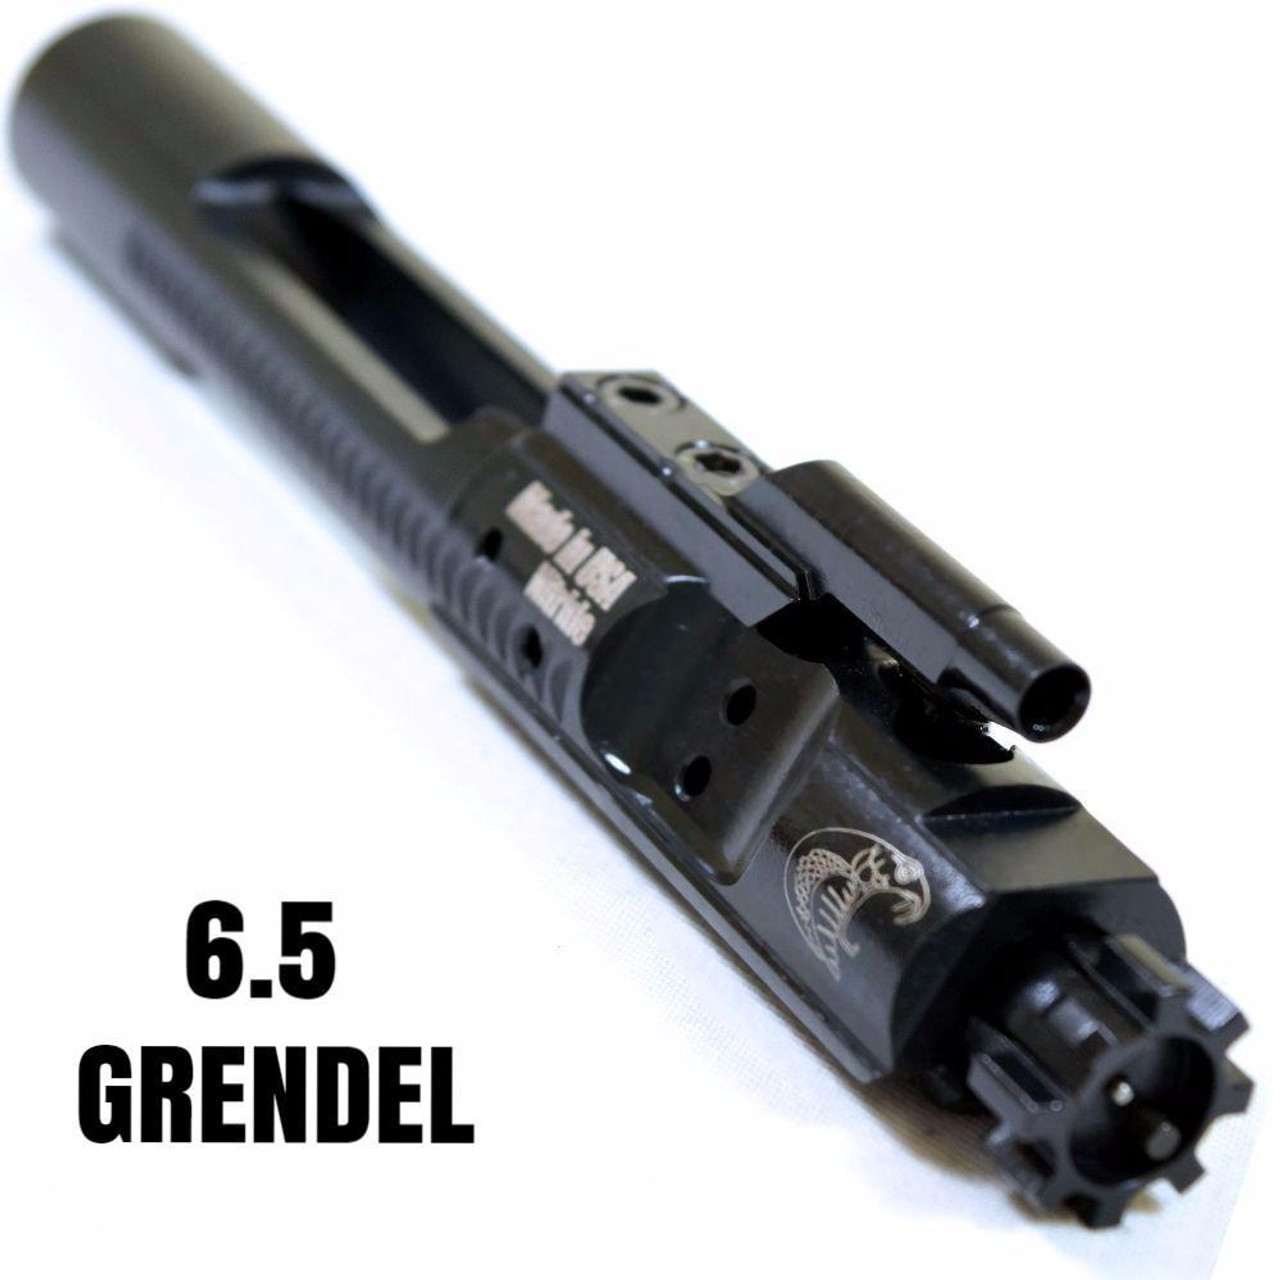 6.5 Grendel Black Nitride BCG | Match Bolt Carrier Group